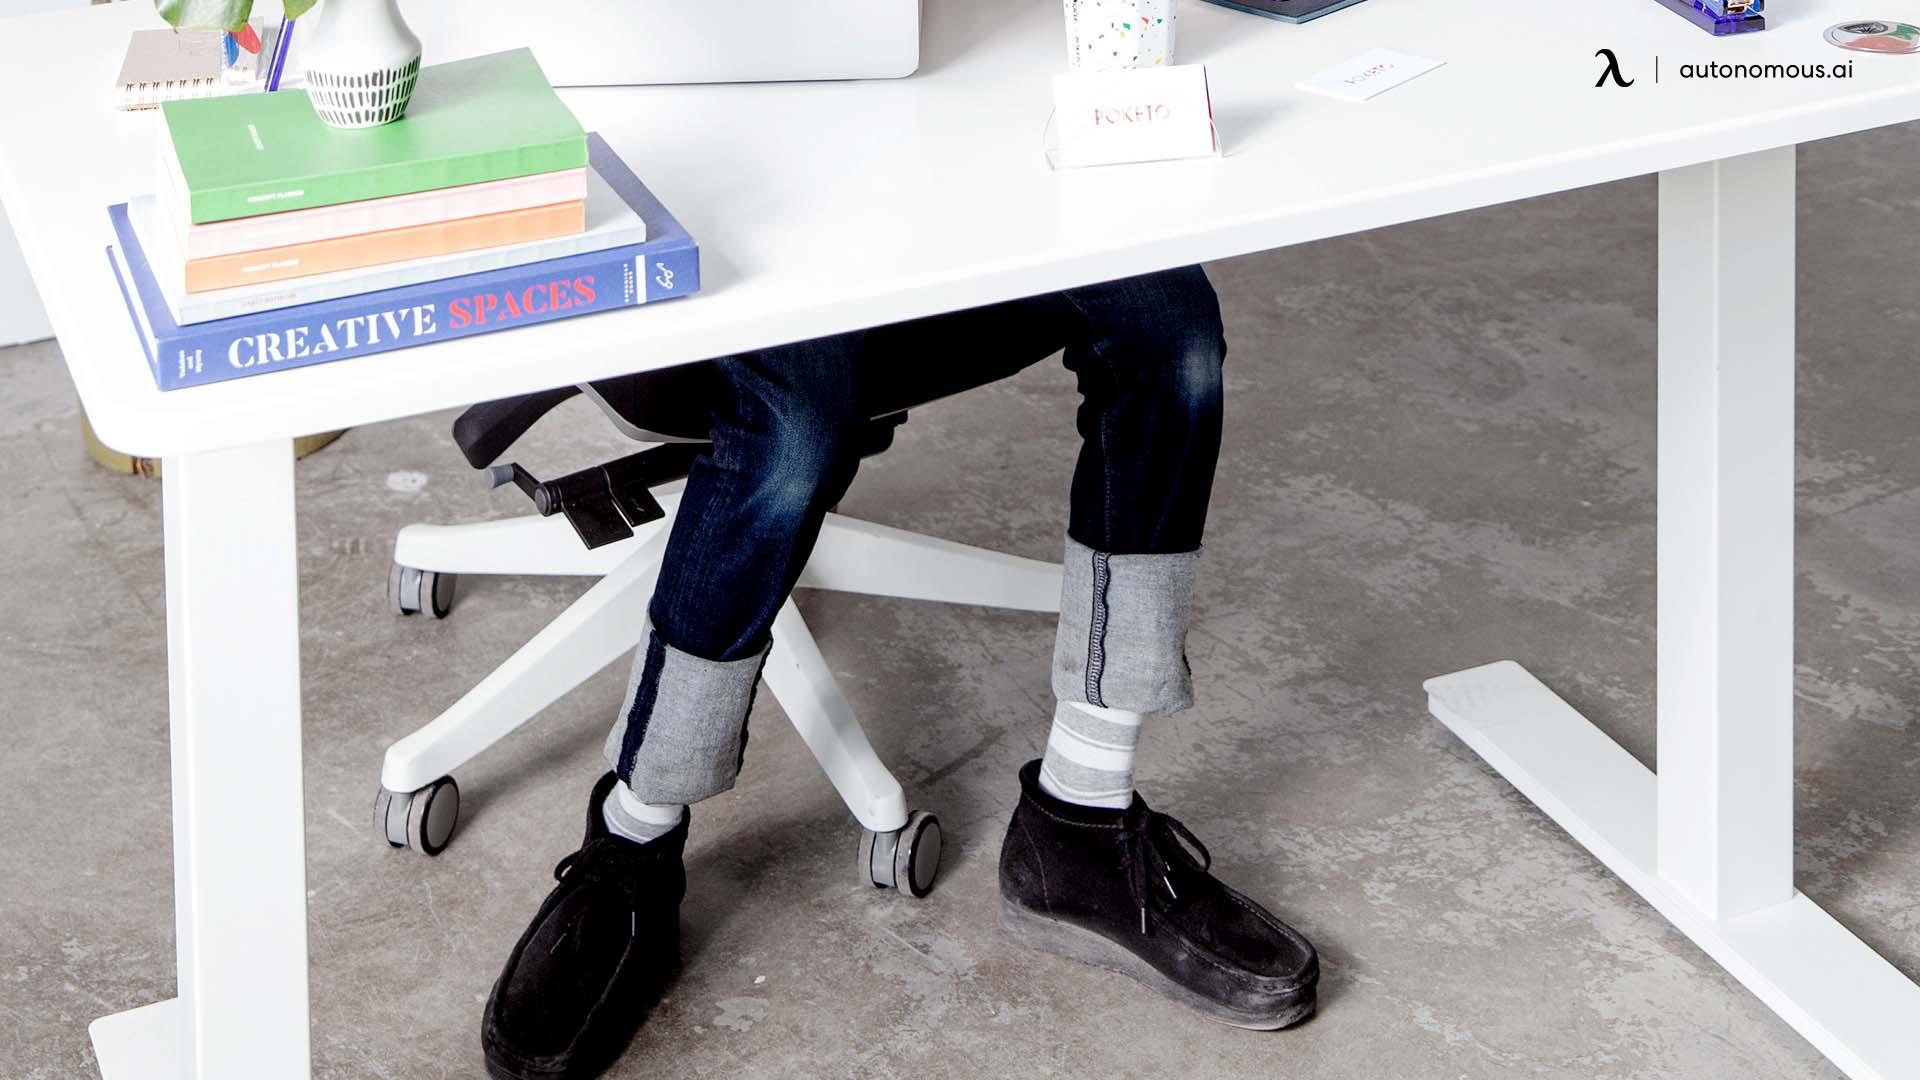 A Good Desk and Chair Setup